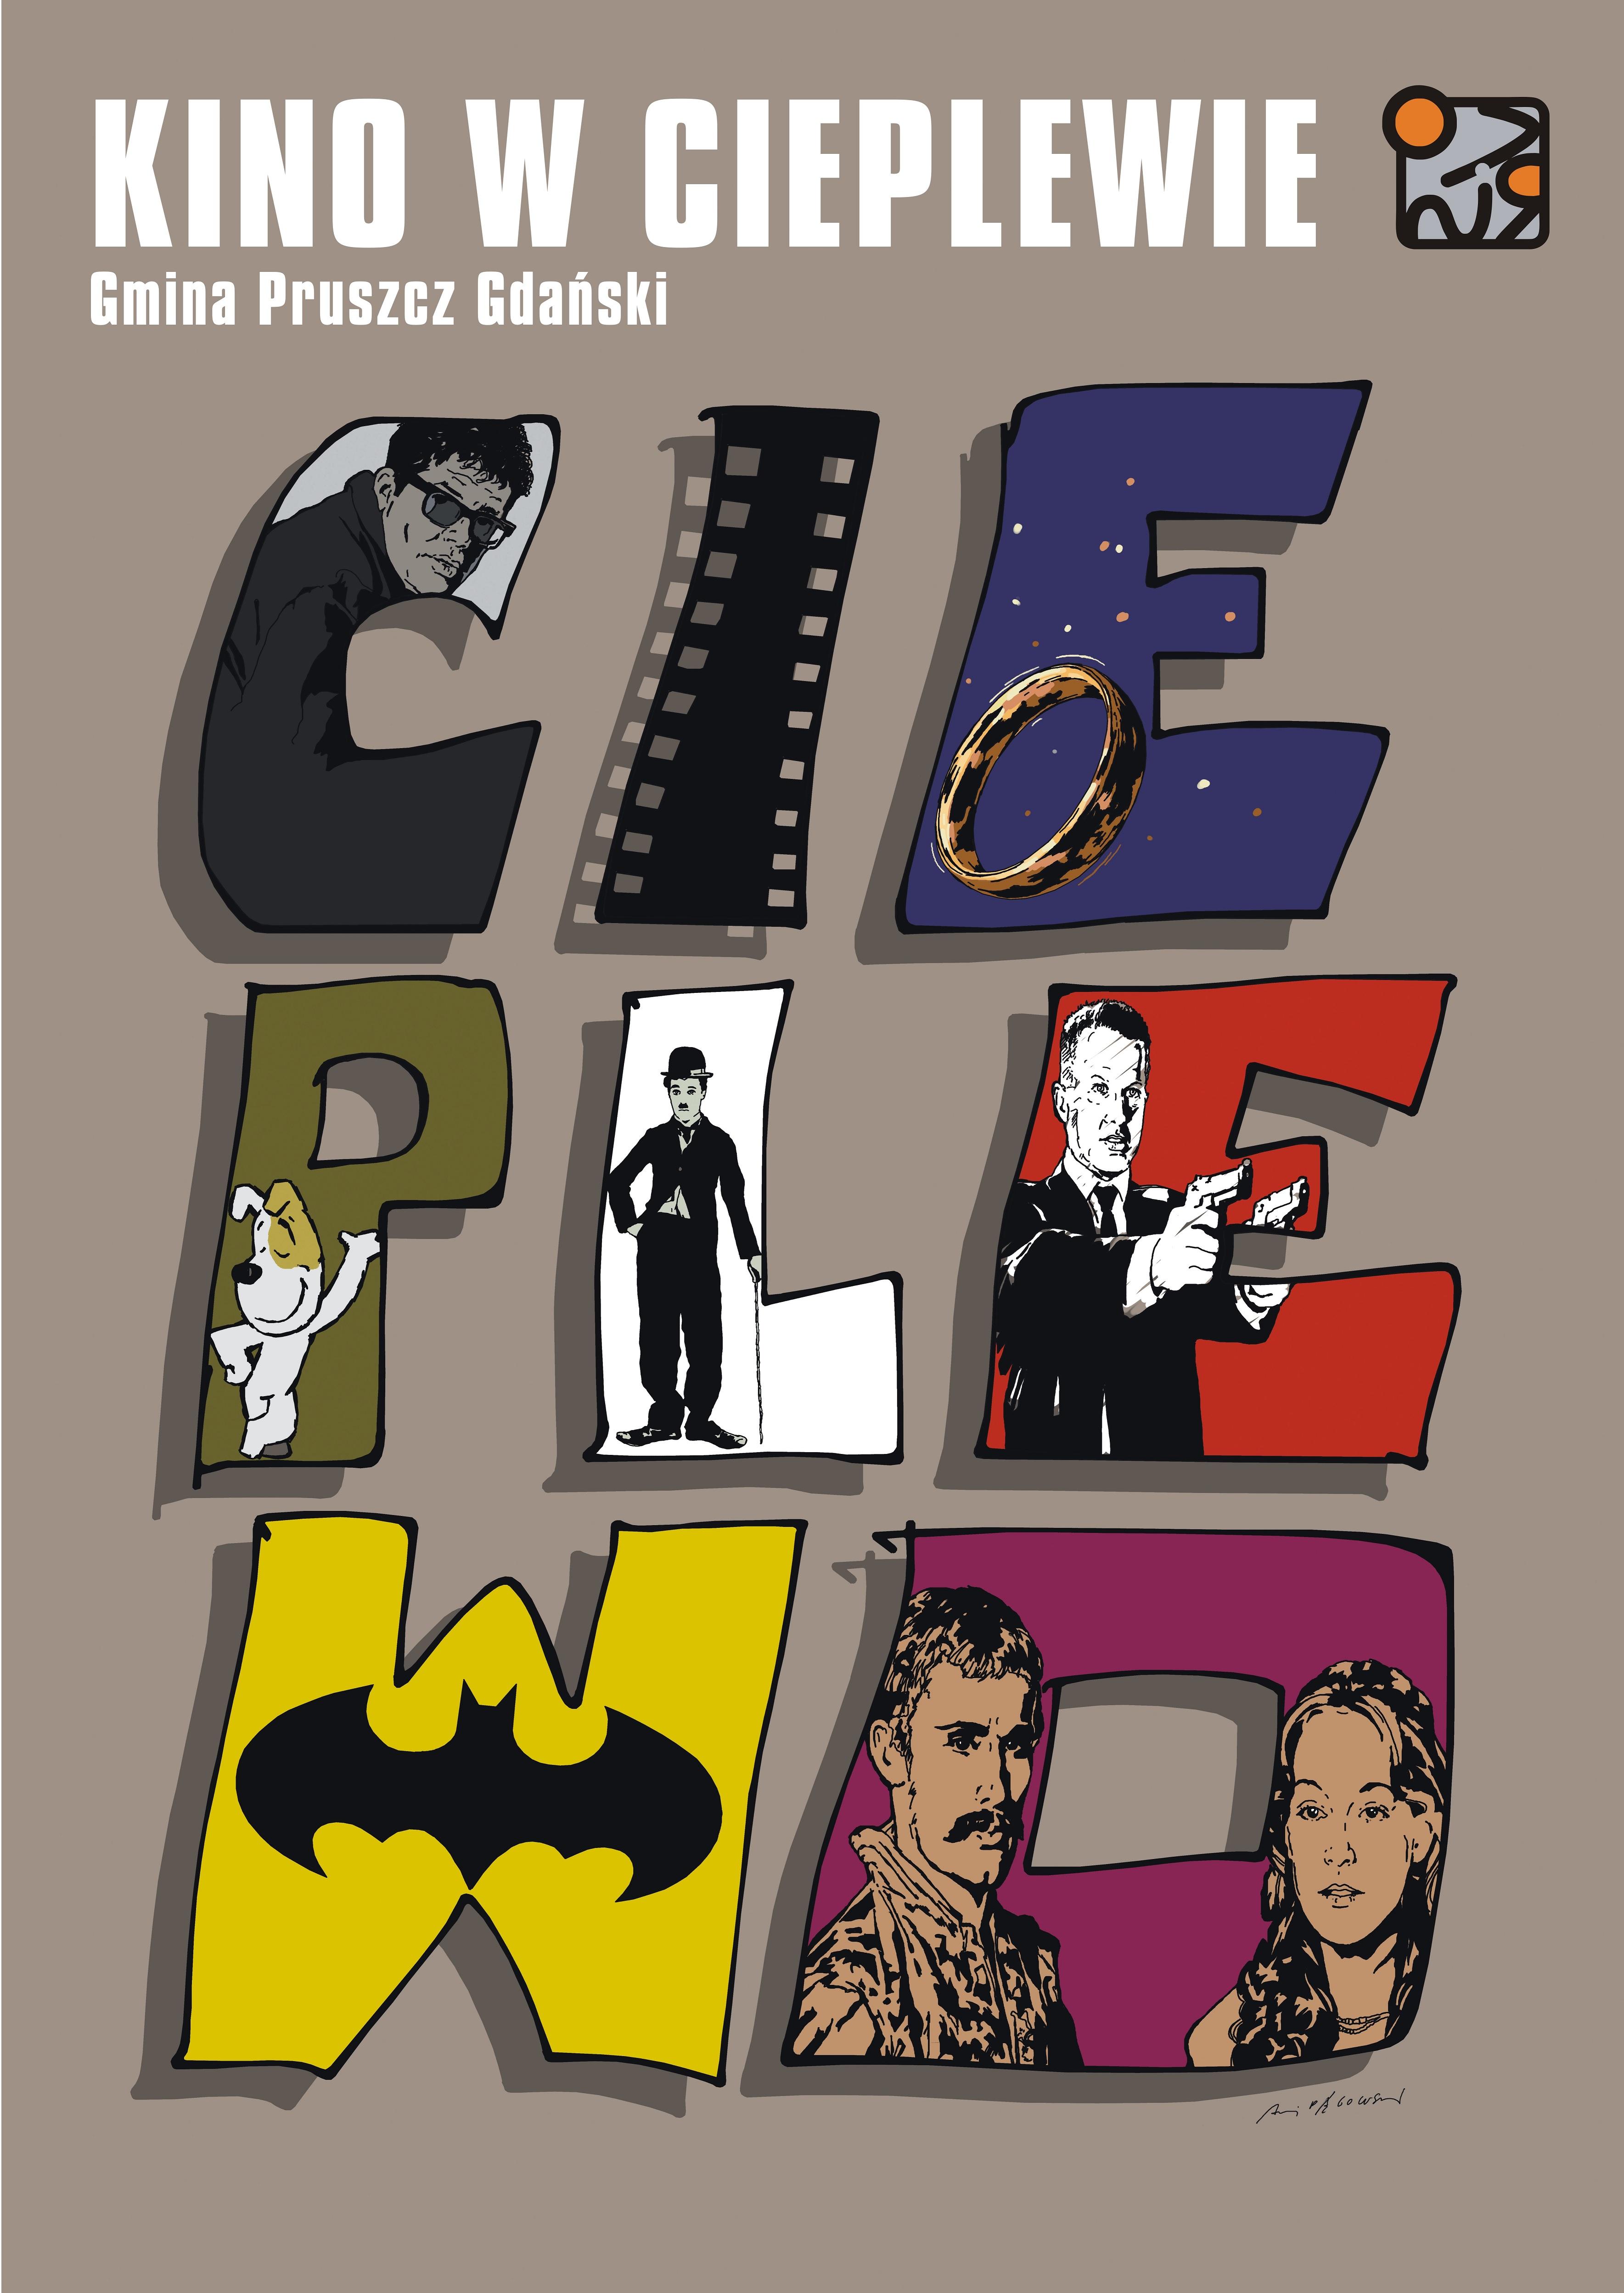 Kino w Cieplewie